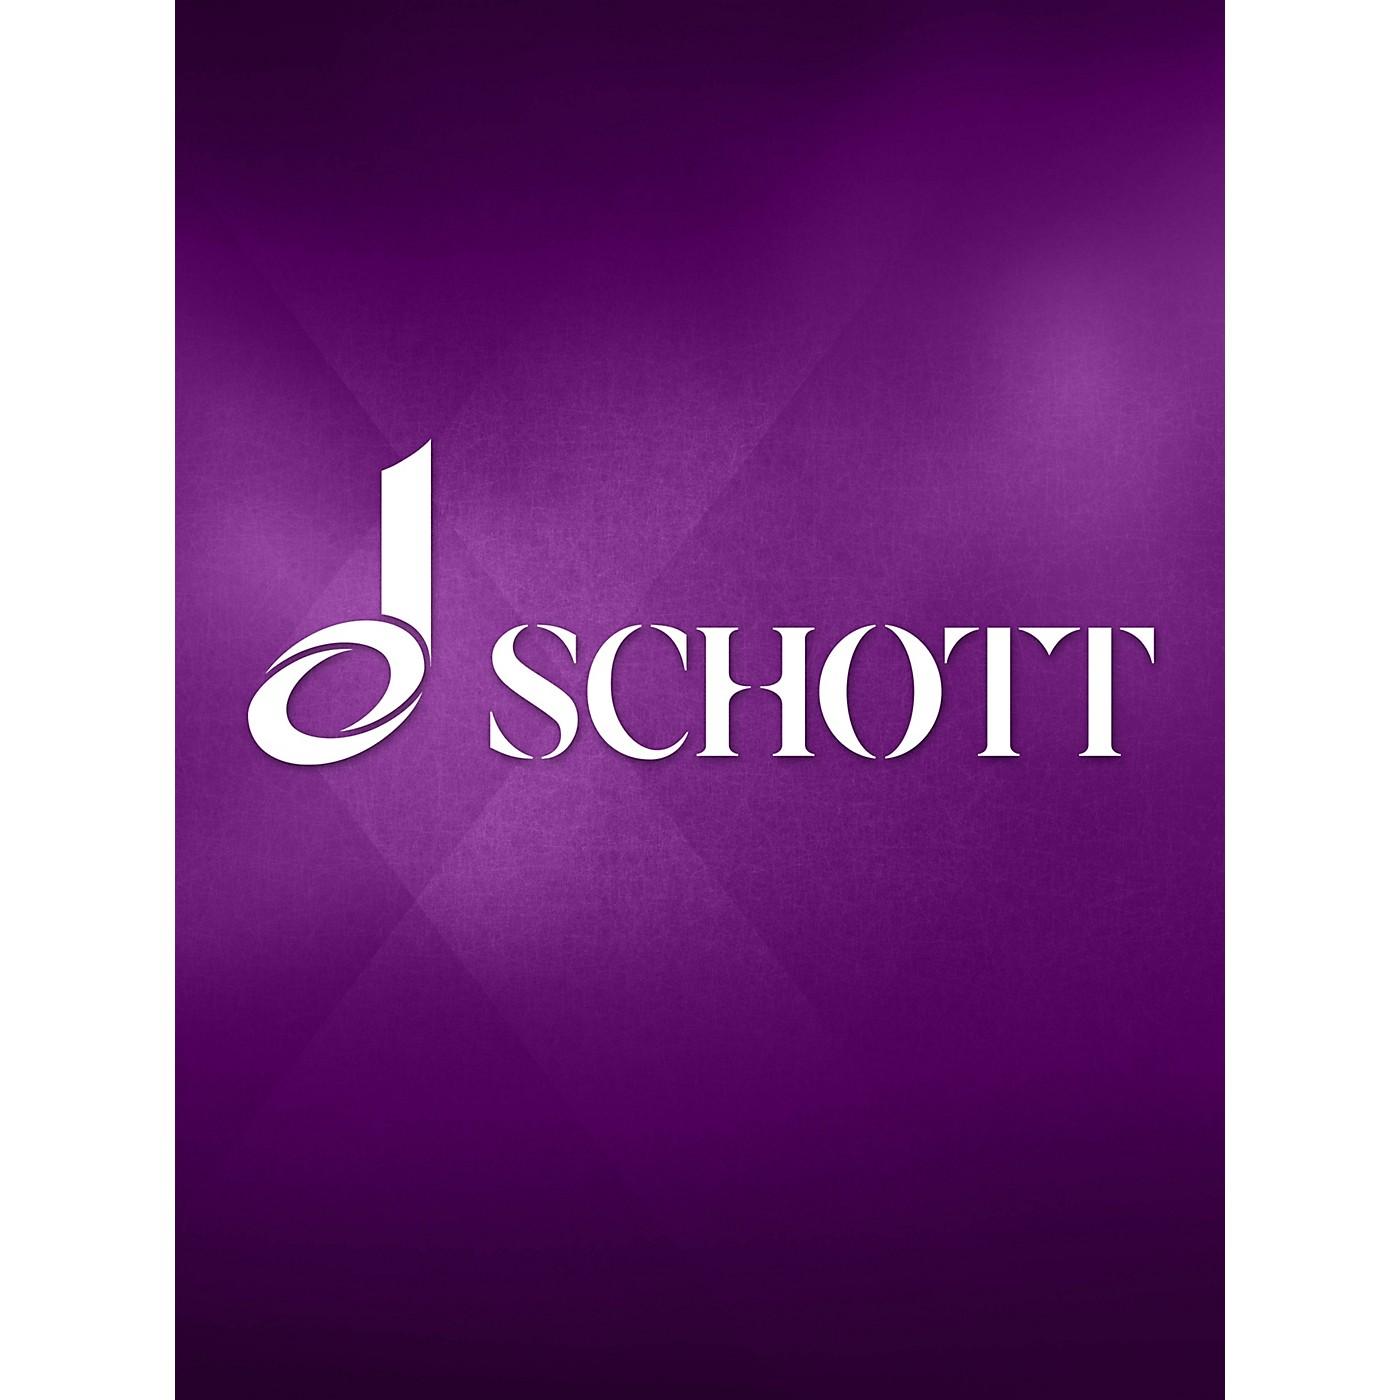 Schott Oratorio Das Unaufhoerliche Schott Series thumbnail